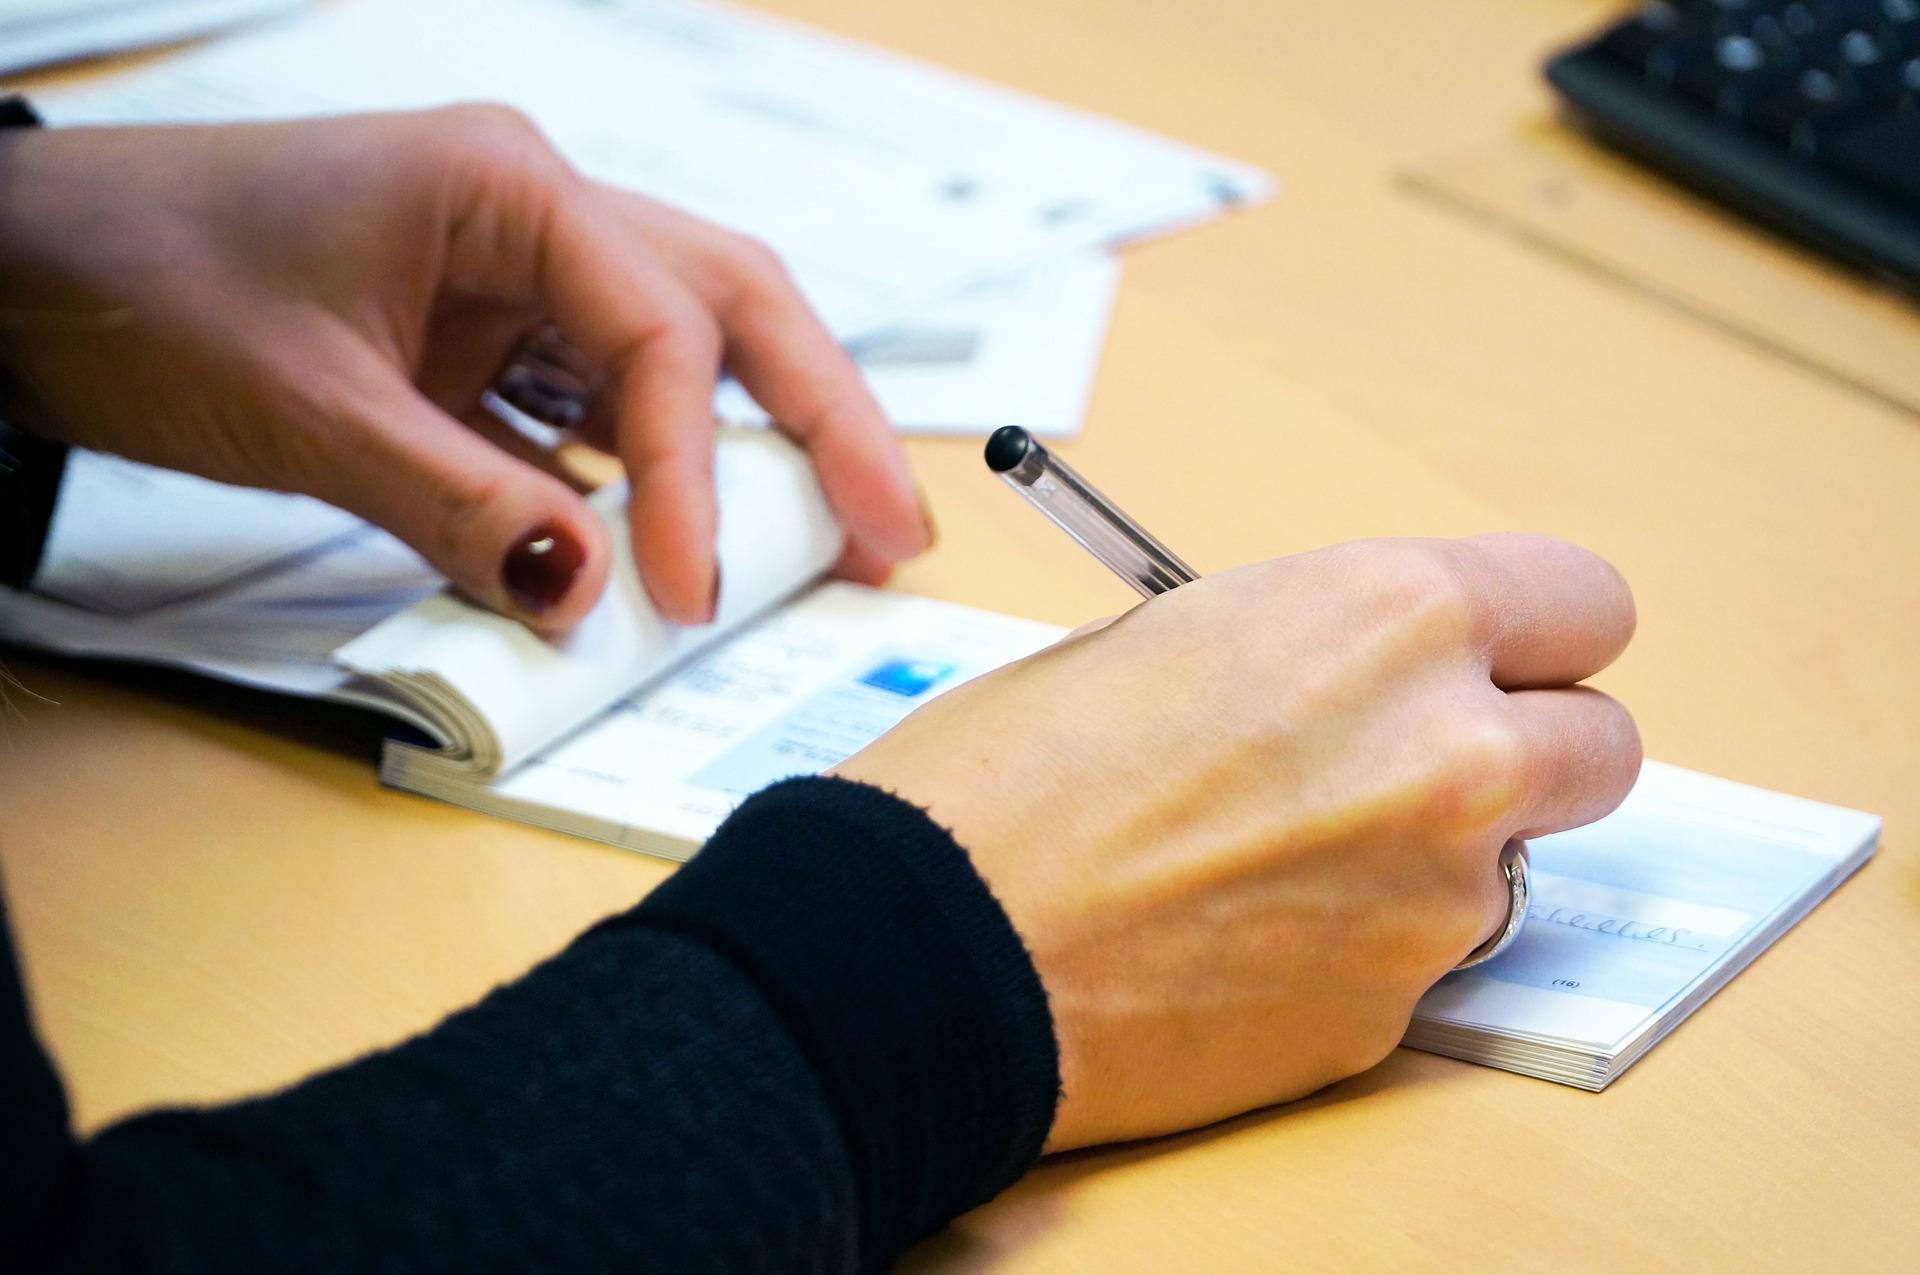 Инспекция сразу может пойти в суд за недоимкой по налогу: так решил суд